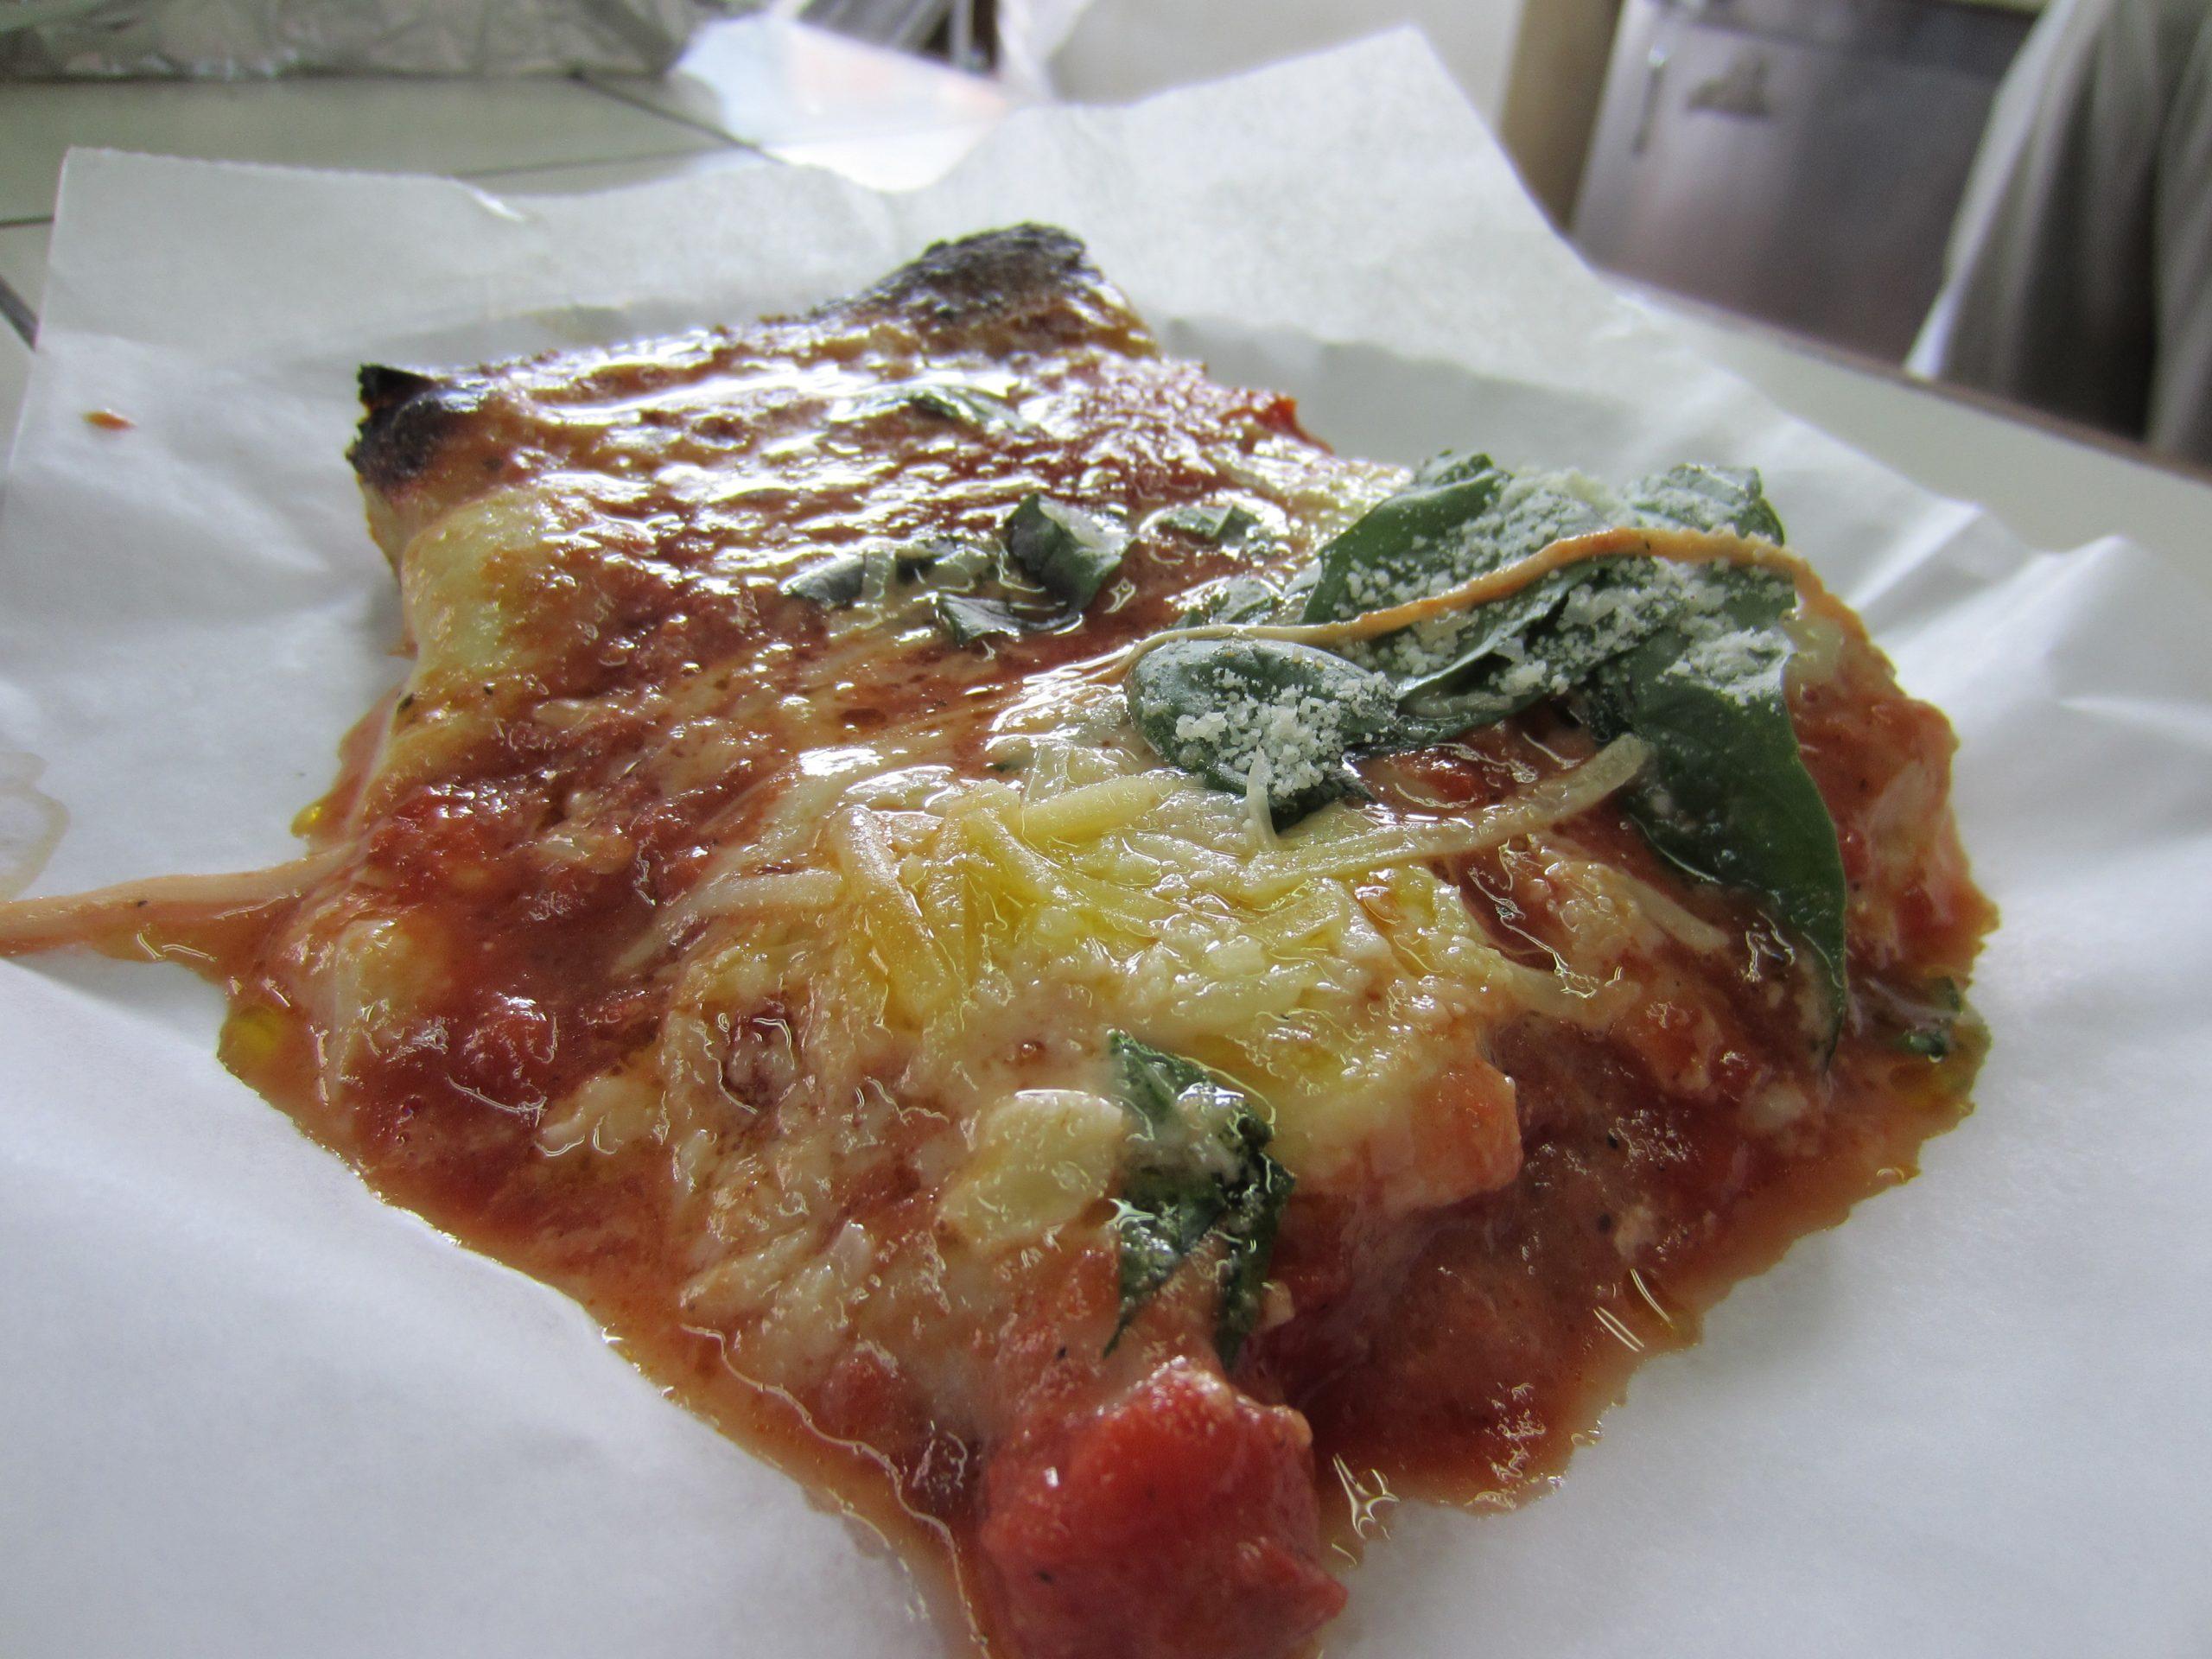 Di Fara—it tasted better than it looks!